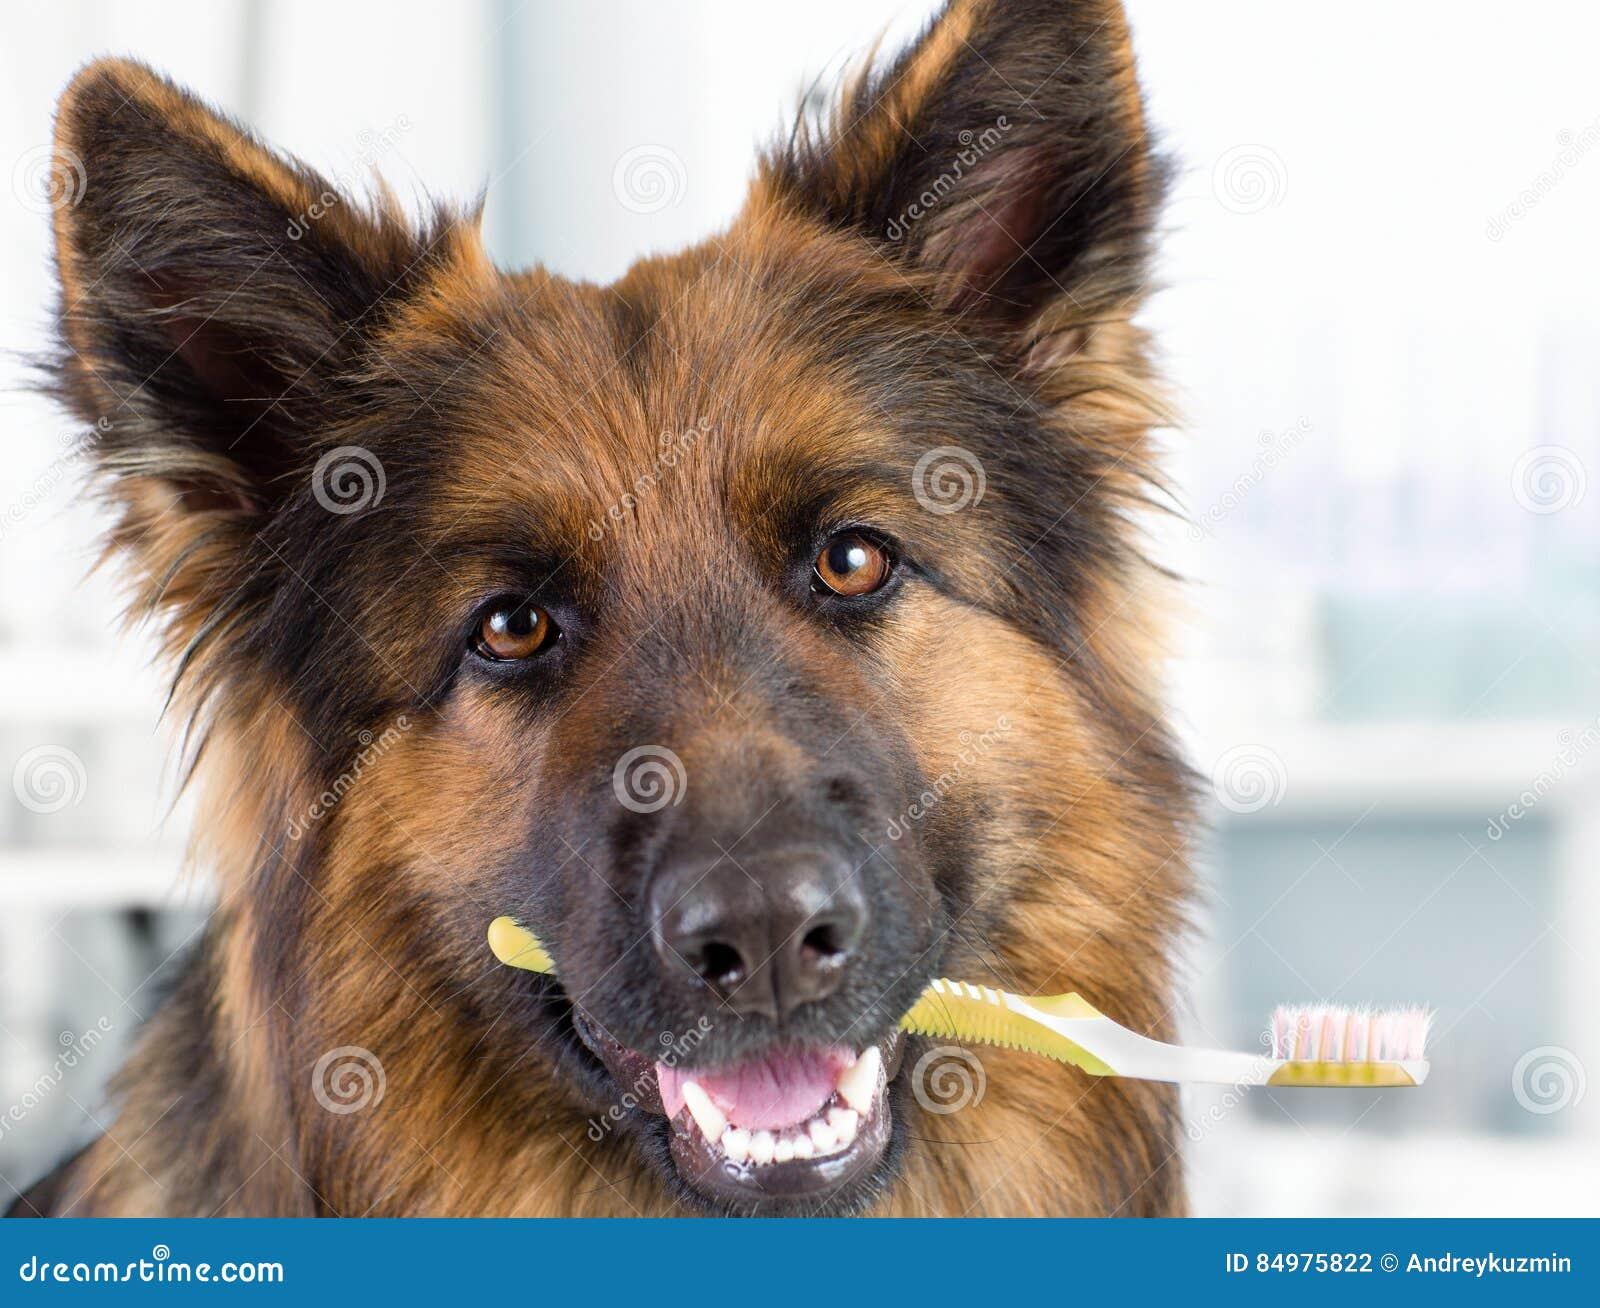 Собака держа зубную щетку в рте